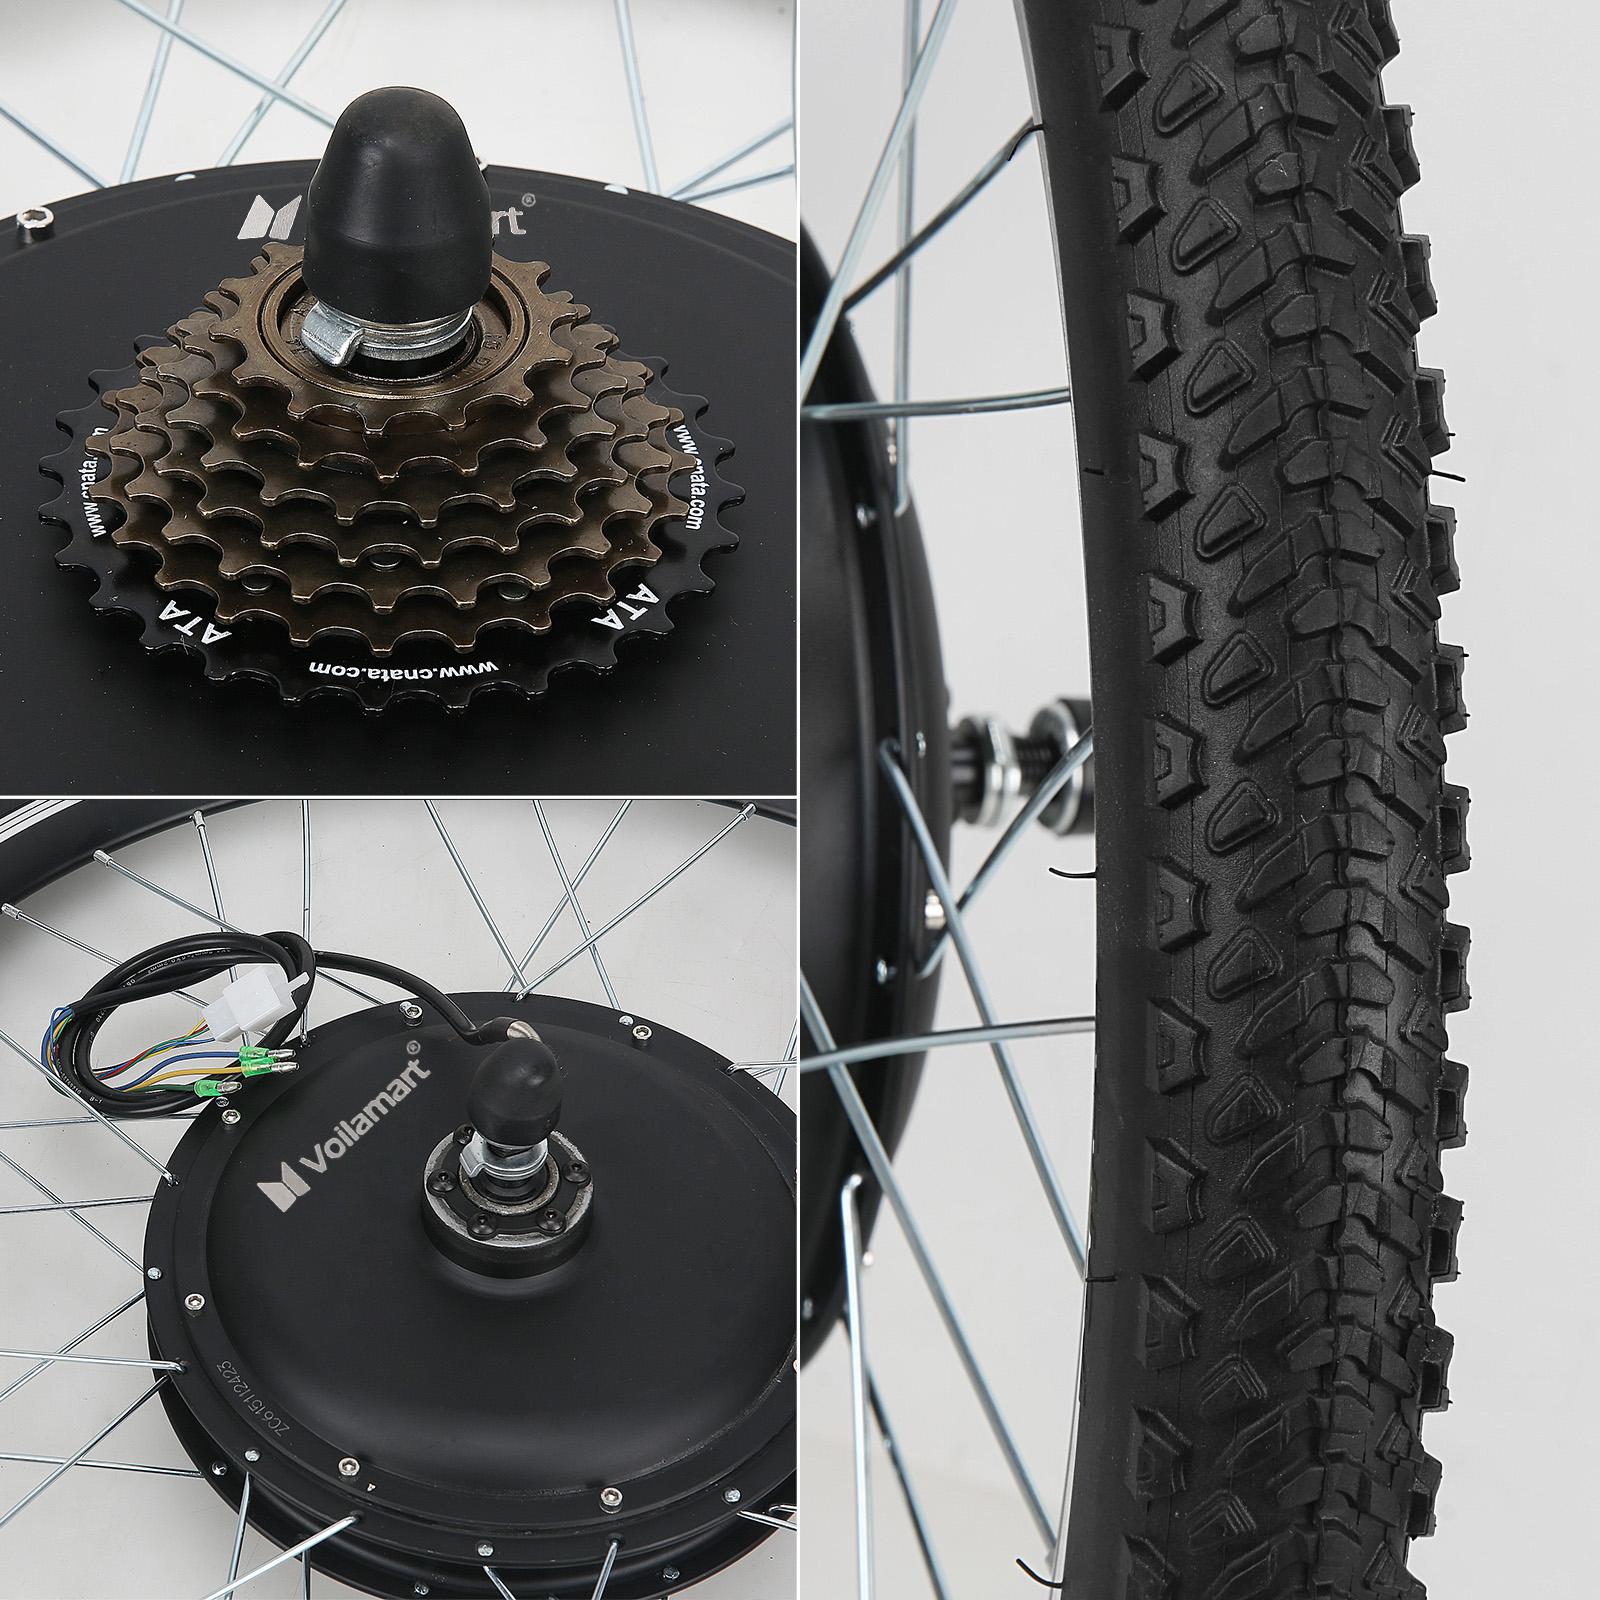 26 1500w rear wheel 48v electric bicycle bike motor. Black Bedroom Furniture Sets. Home Design Ideas